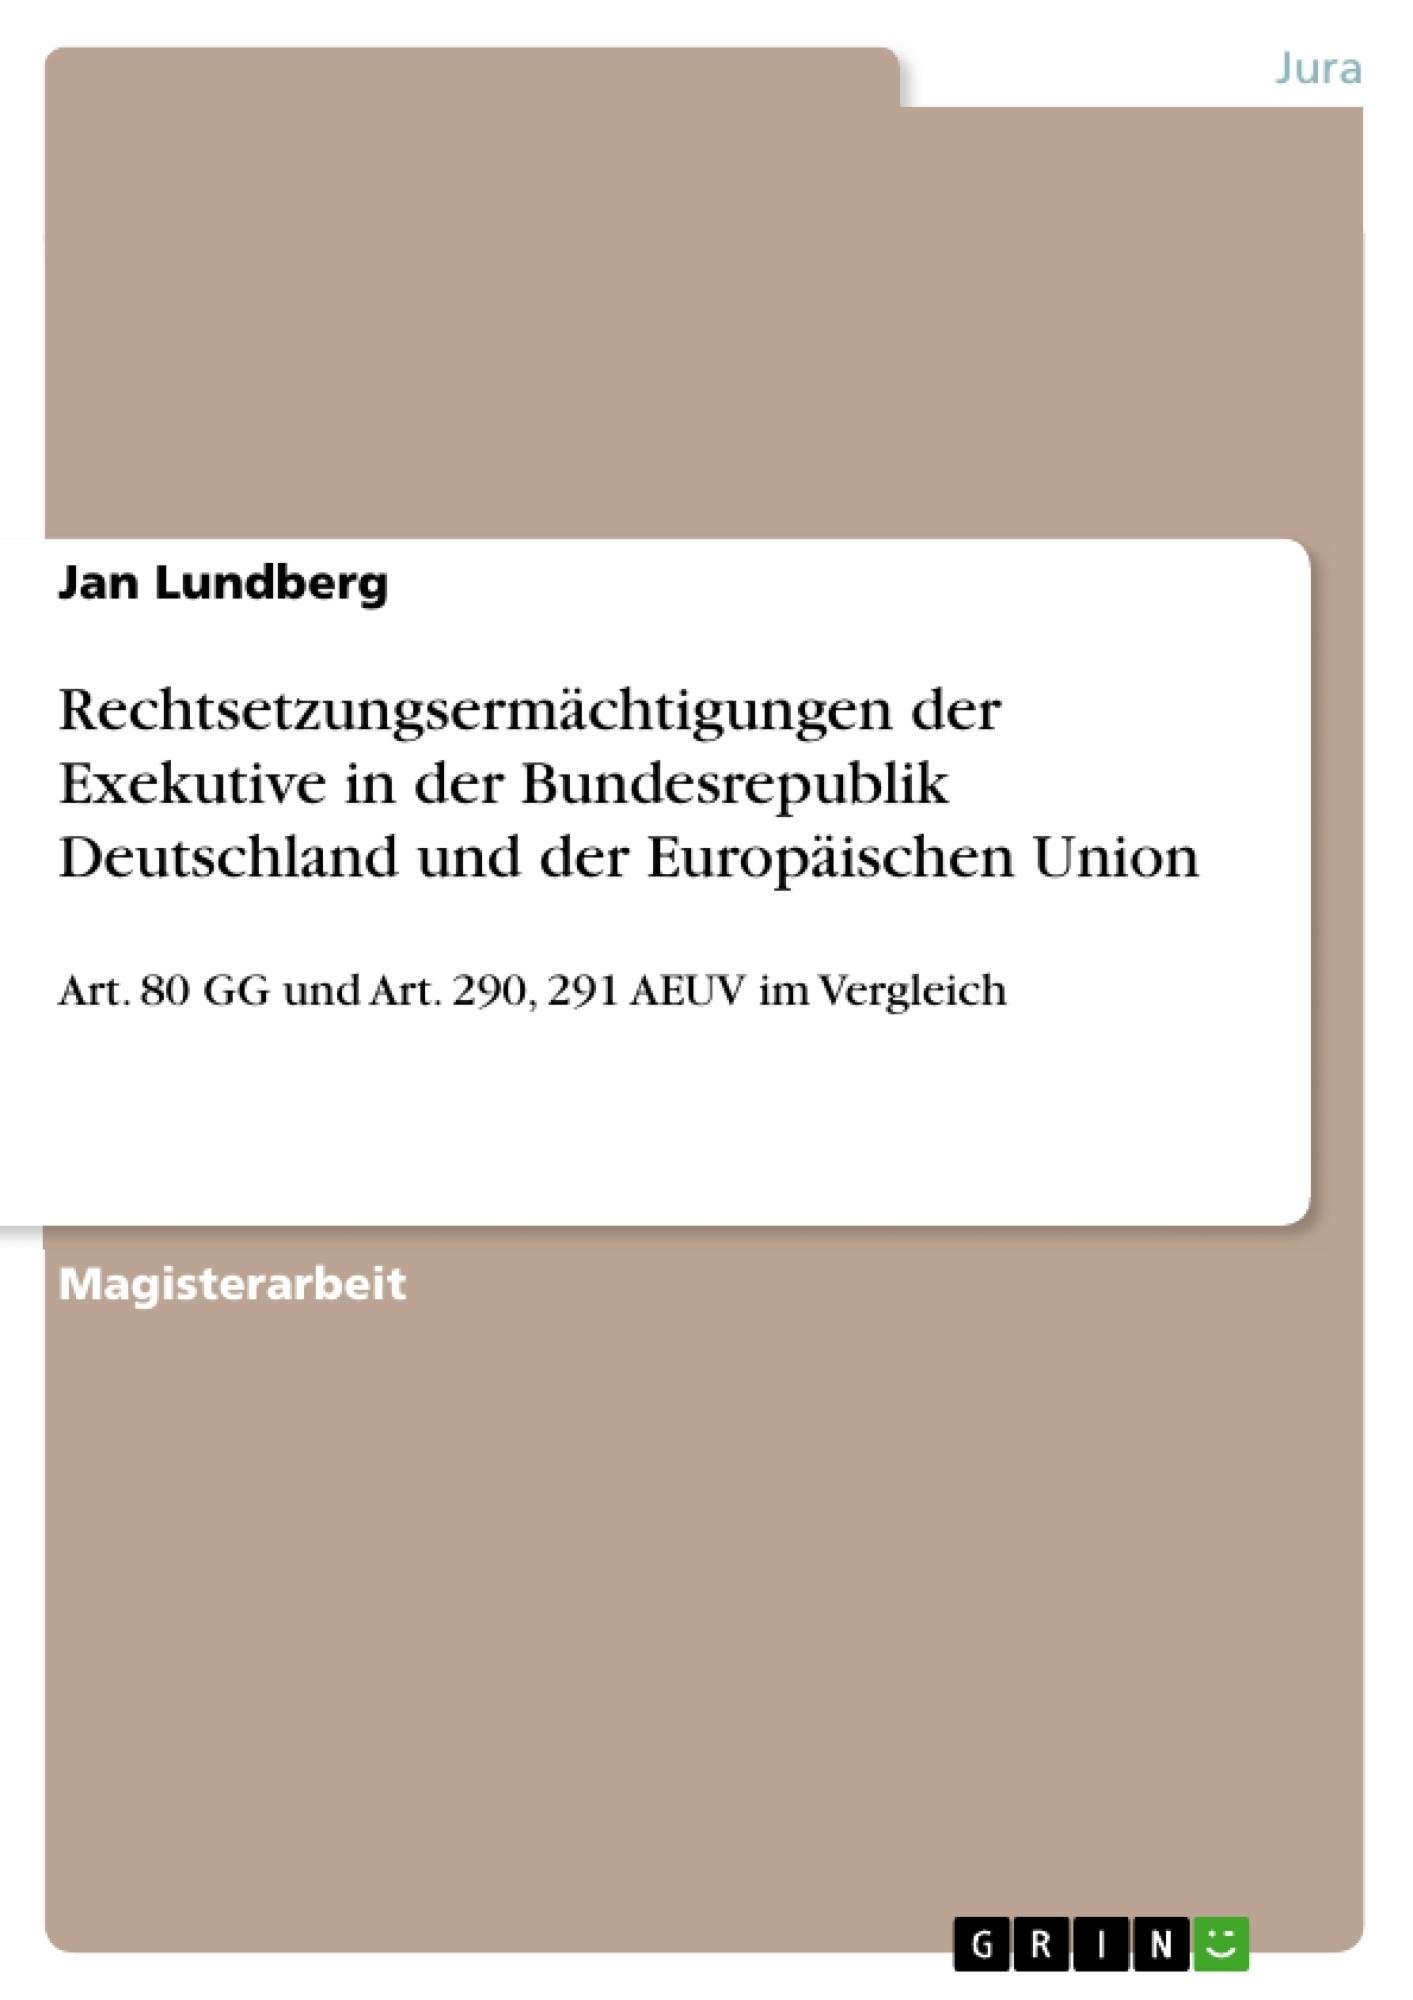 Titel: Rechtsetzungsermächtigungen der Exekutive in der Bundesrepublik Deutschland und der Europäischen Union